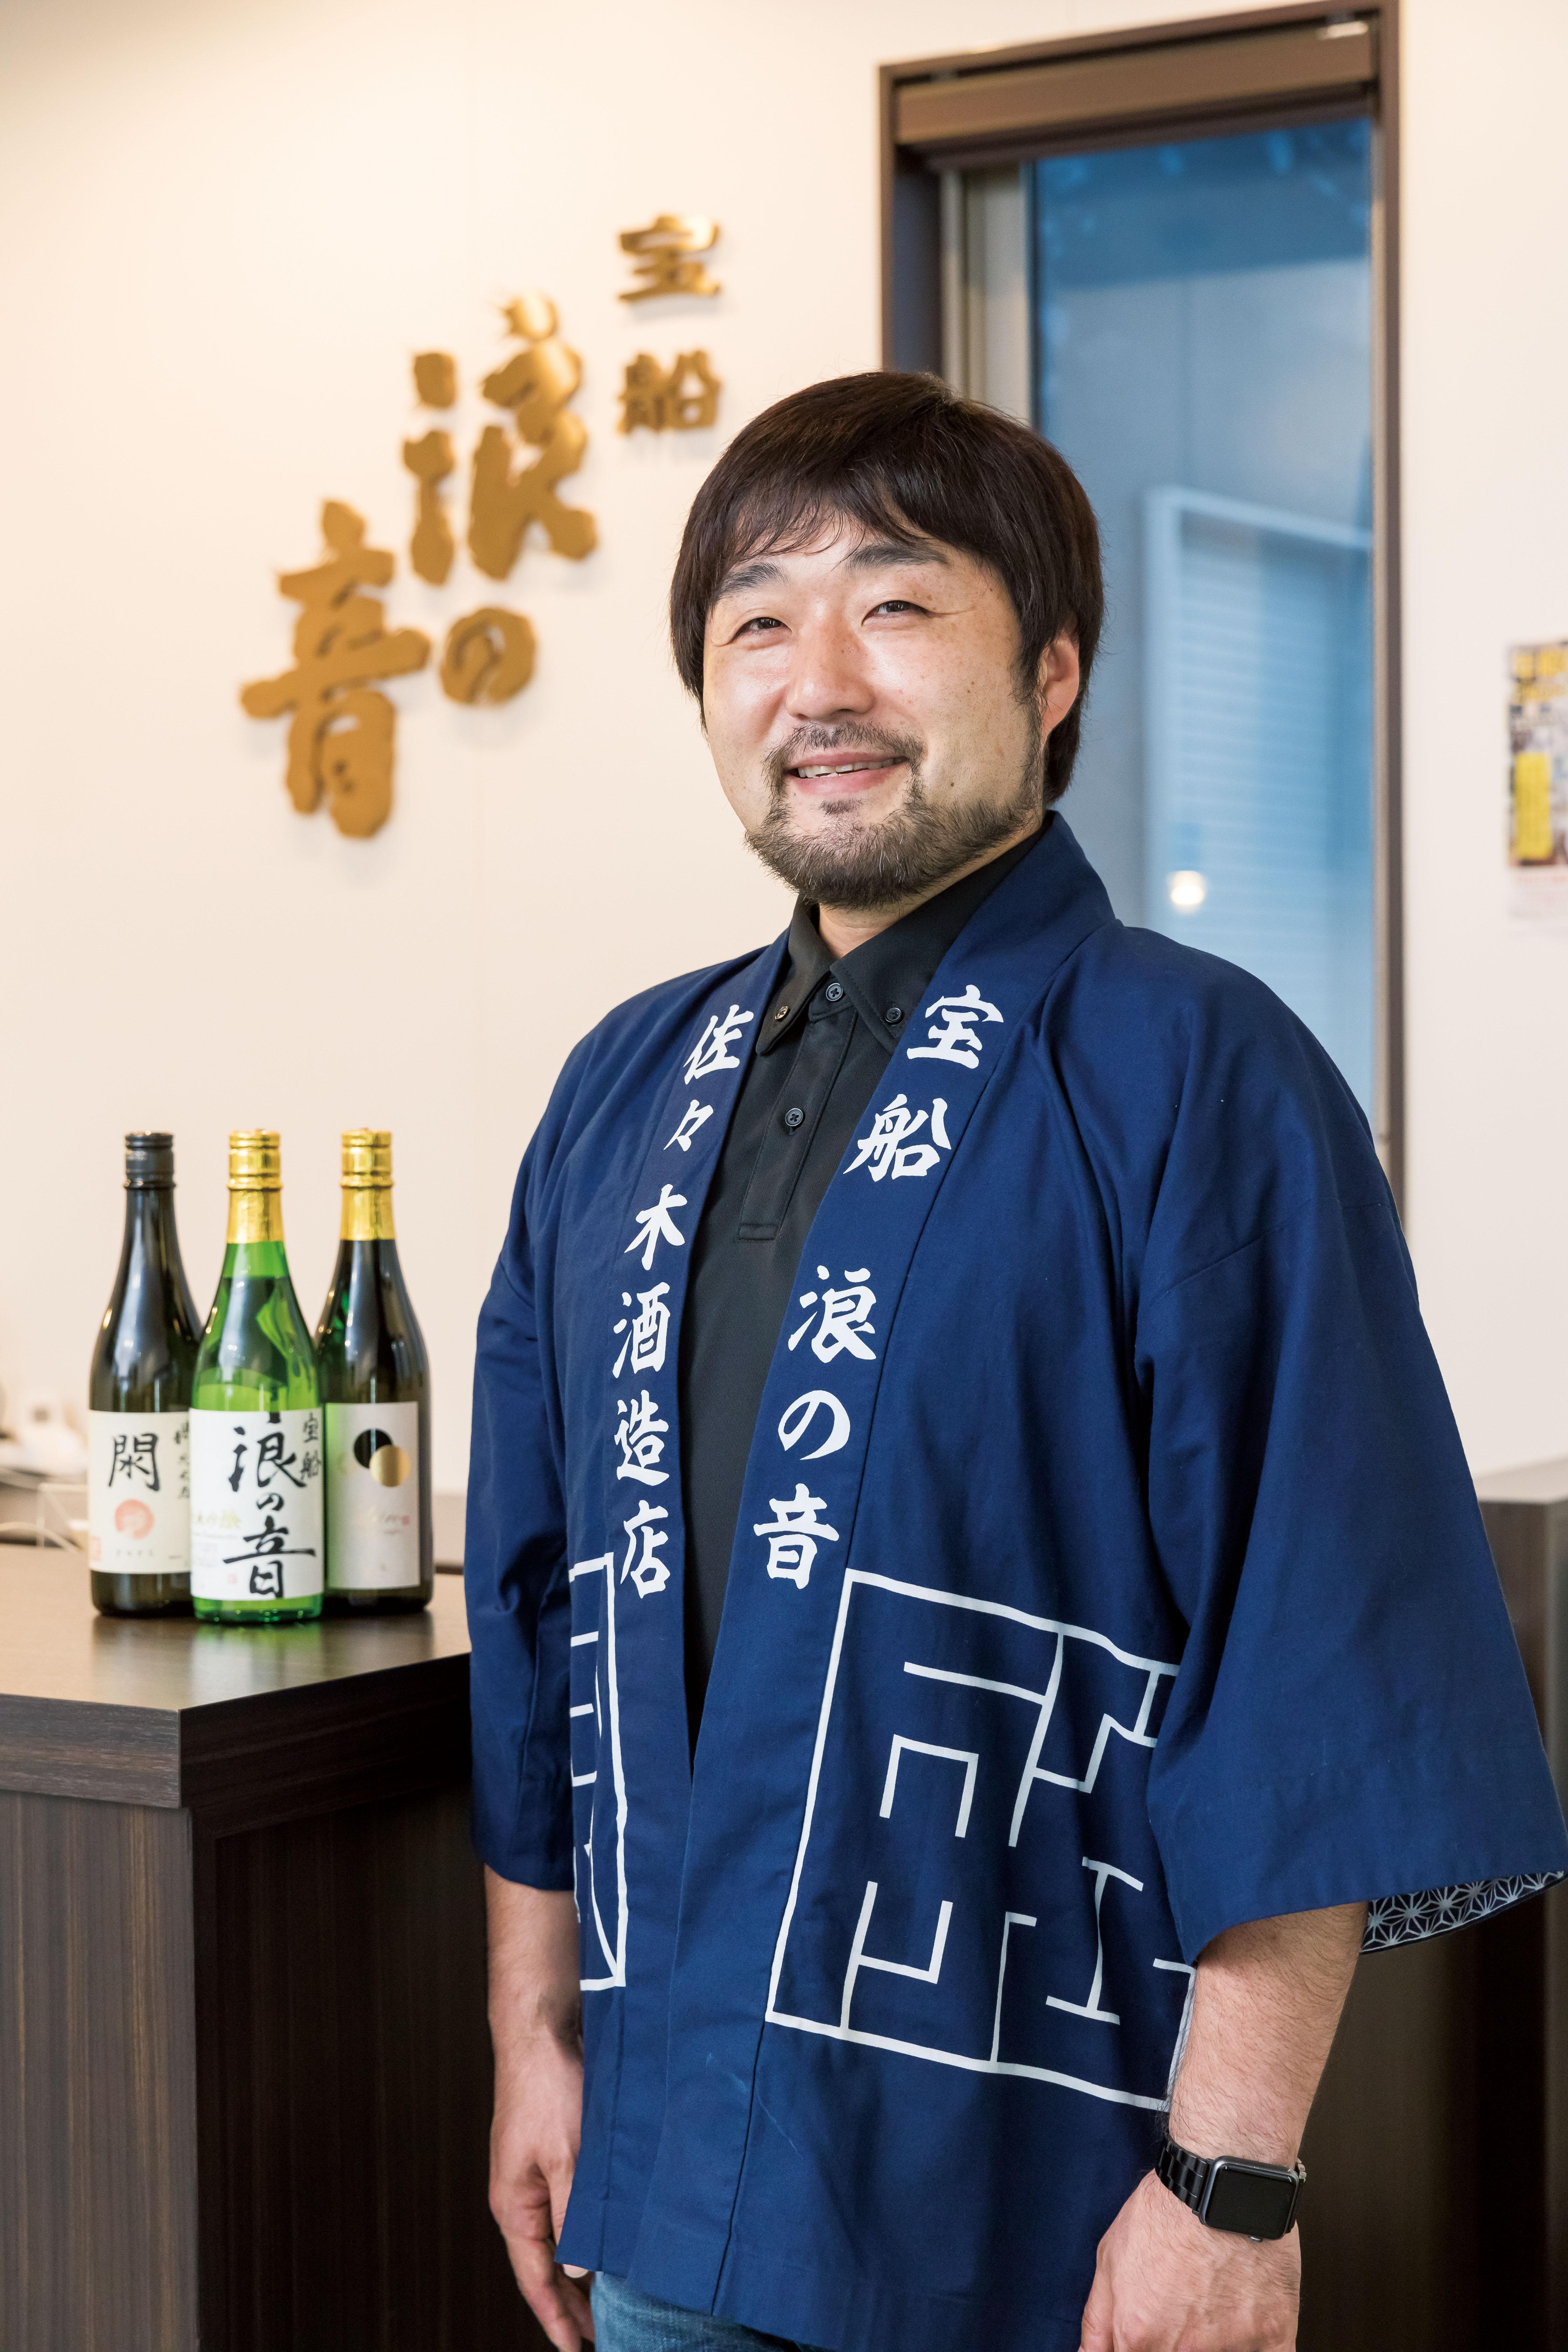 「閖上を醸す」、佐々木酒造店を取材してきました!